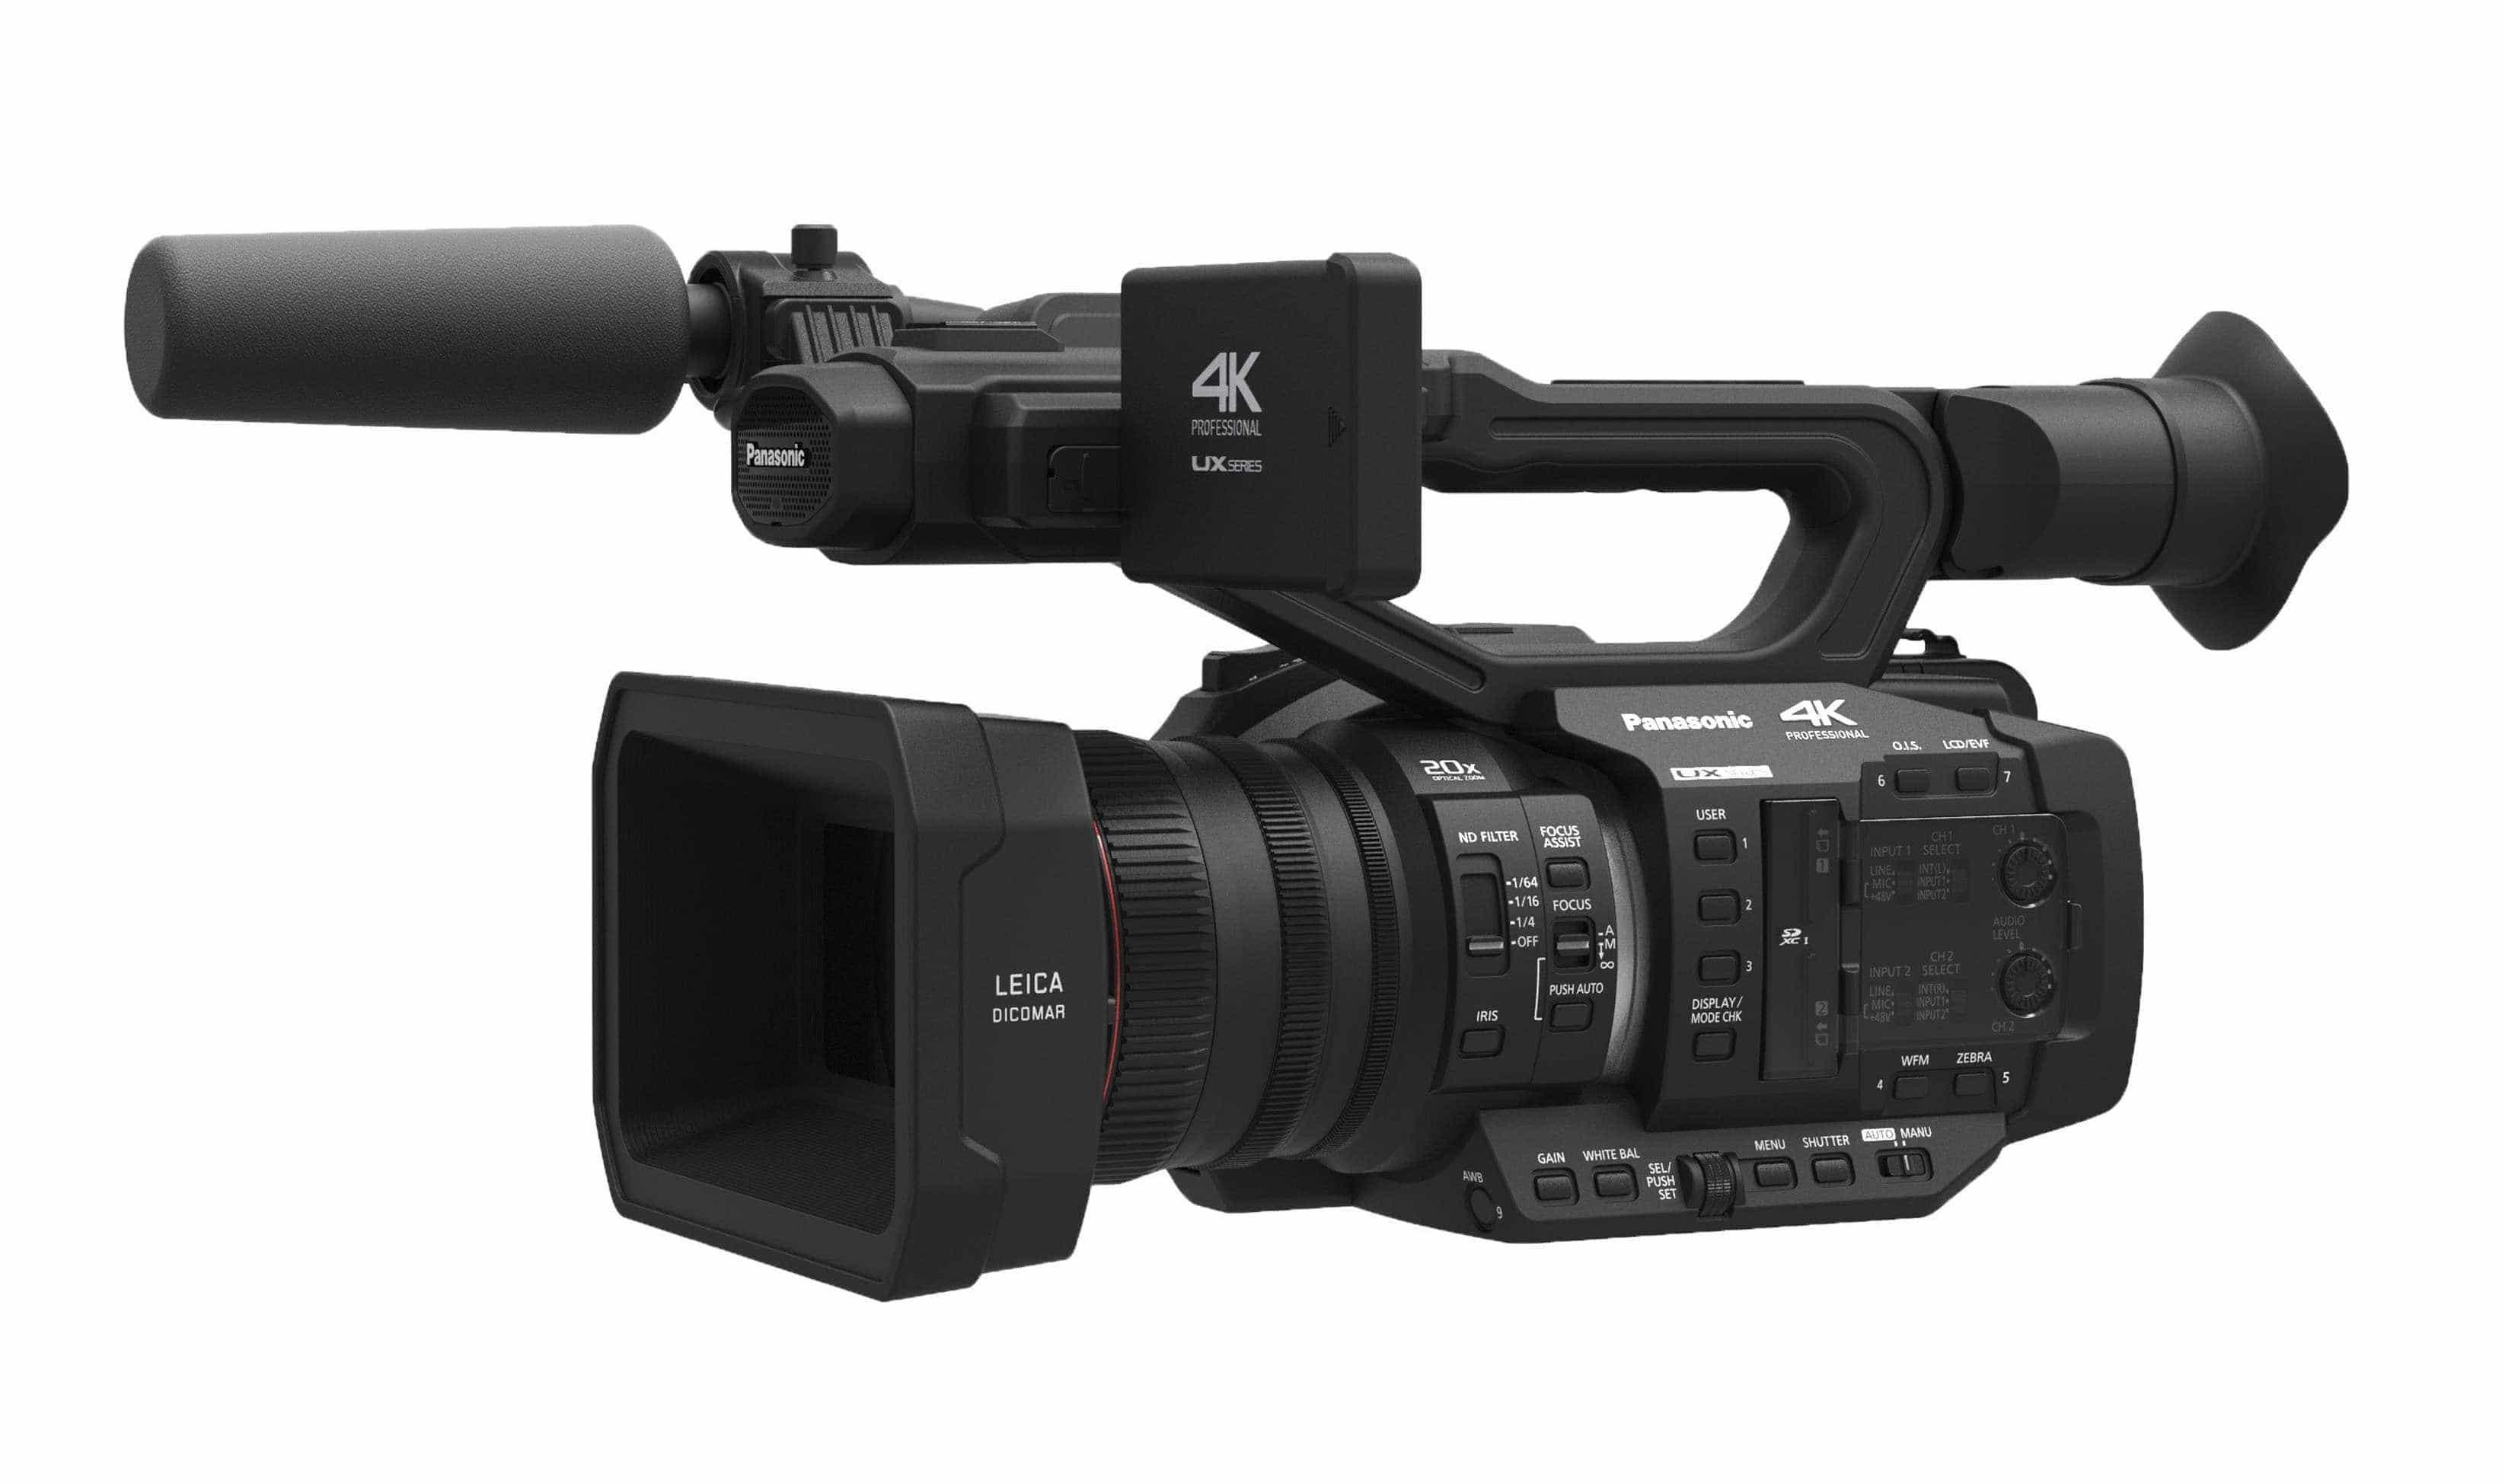 מצלמת וידאו PANASINIC AG-UX180